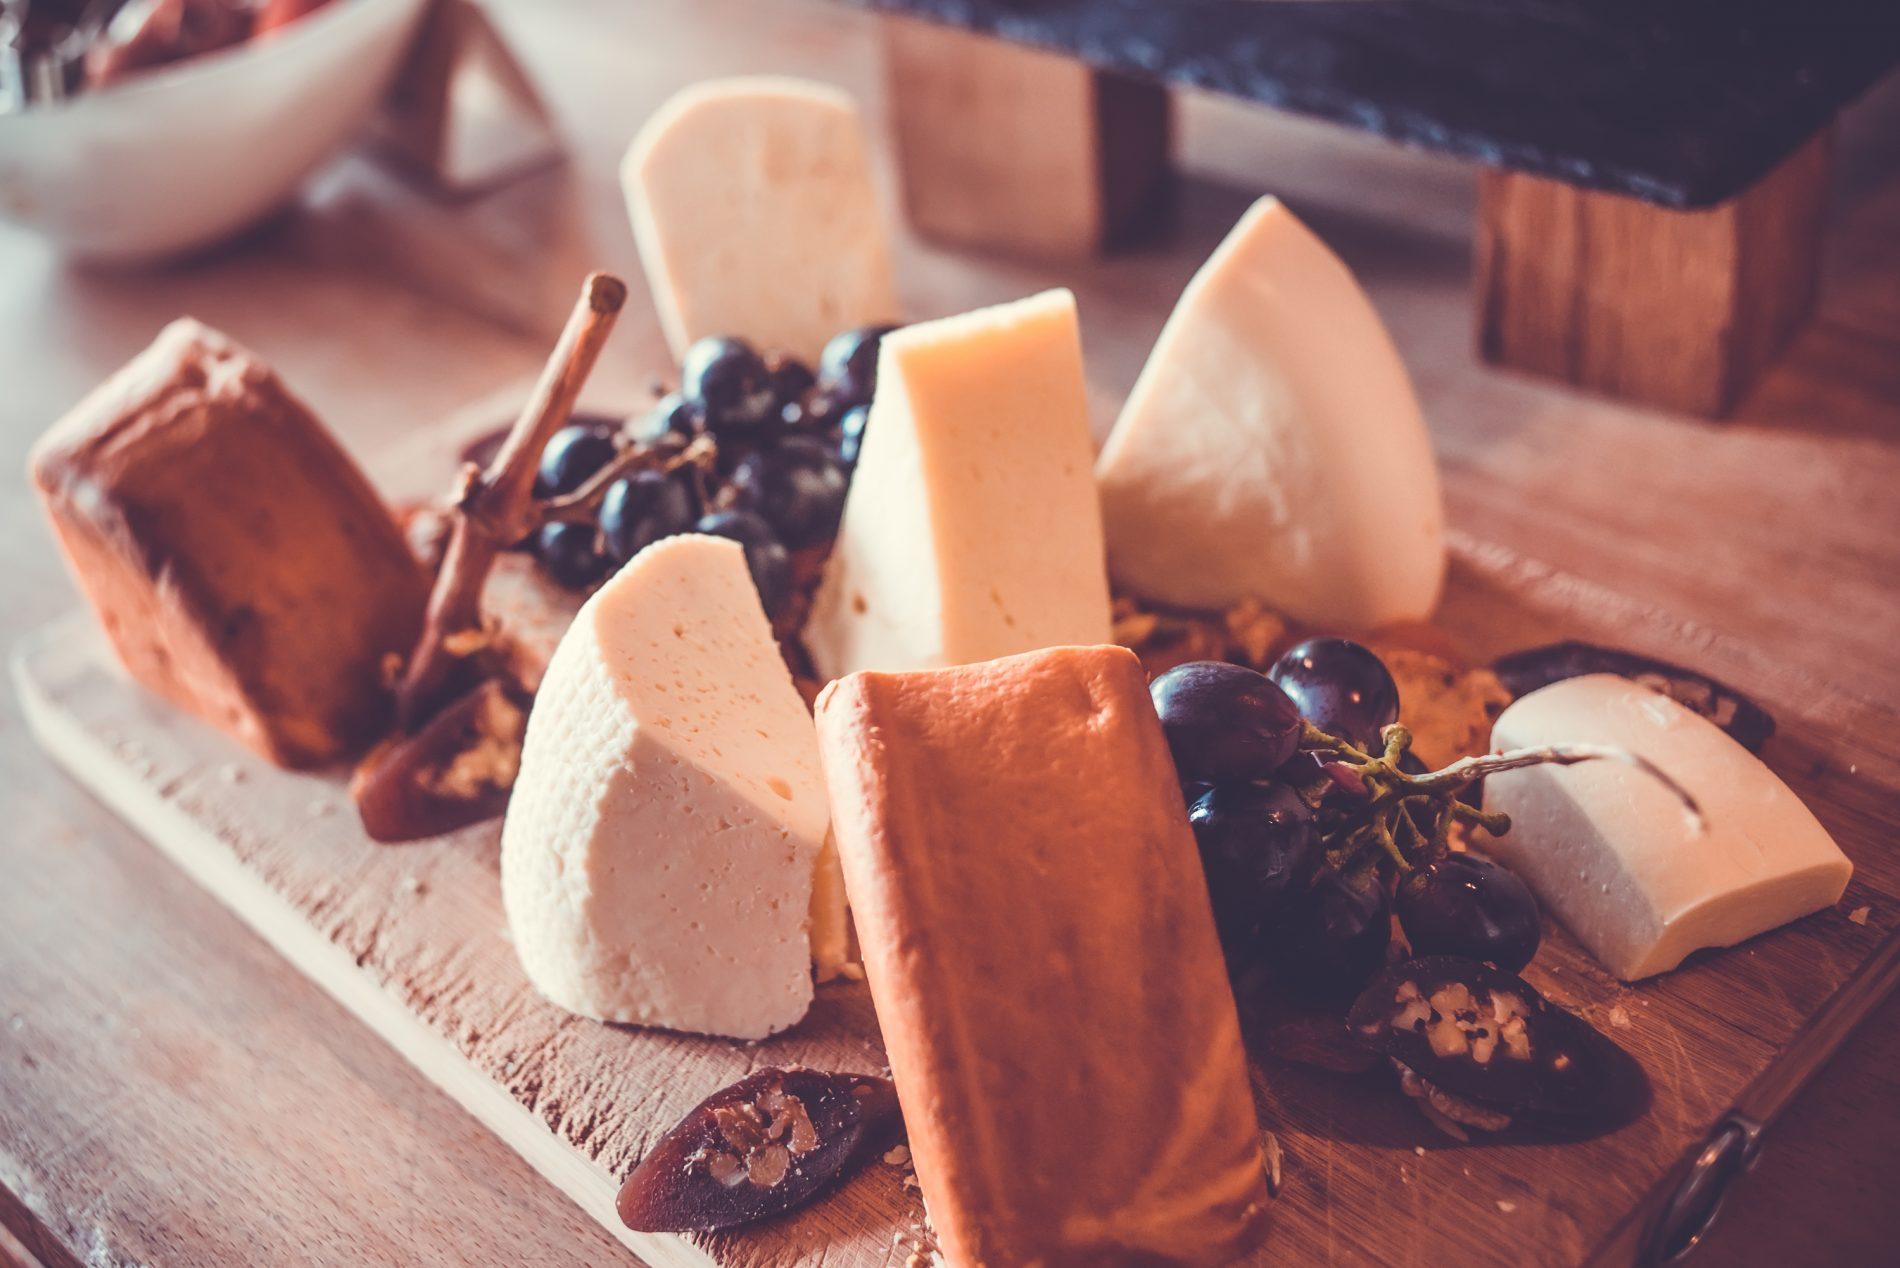 consigli per scegliere i formaggi con affumicatura naturale